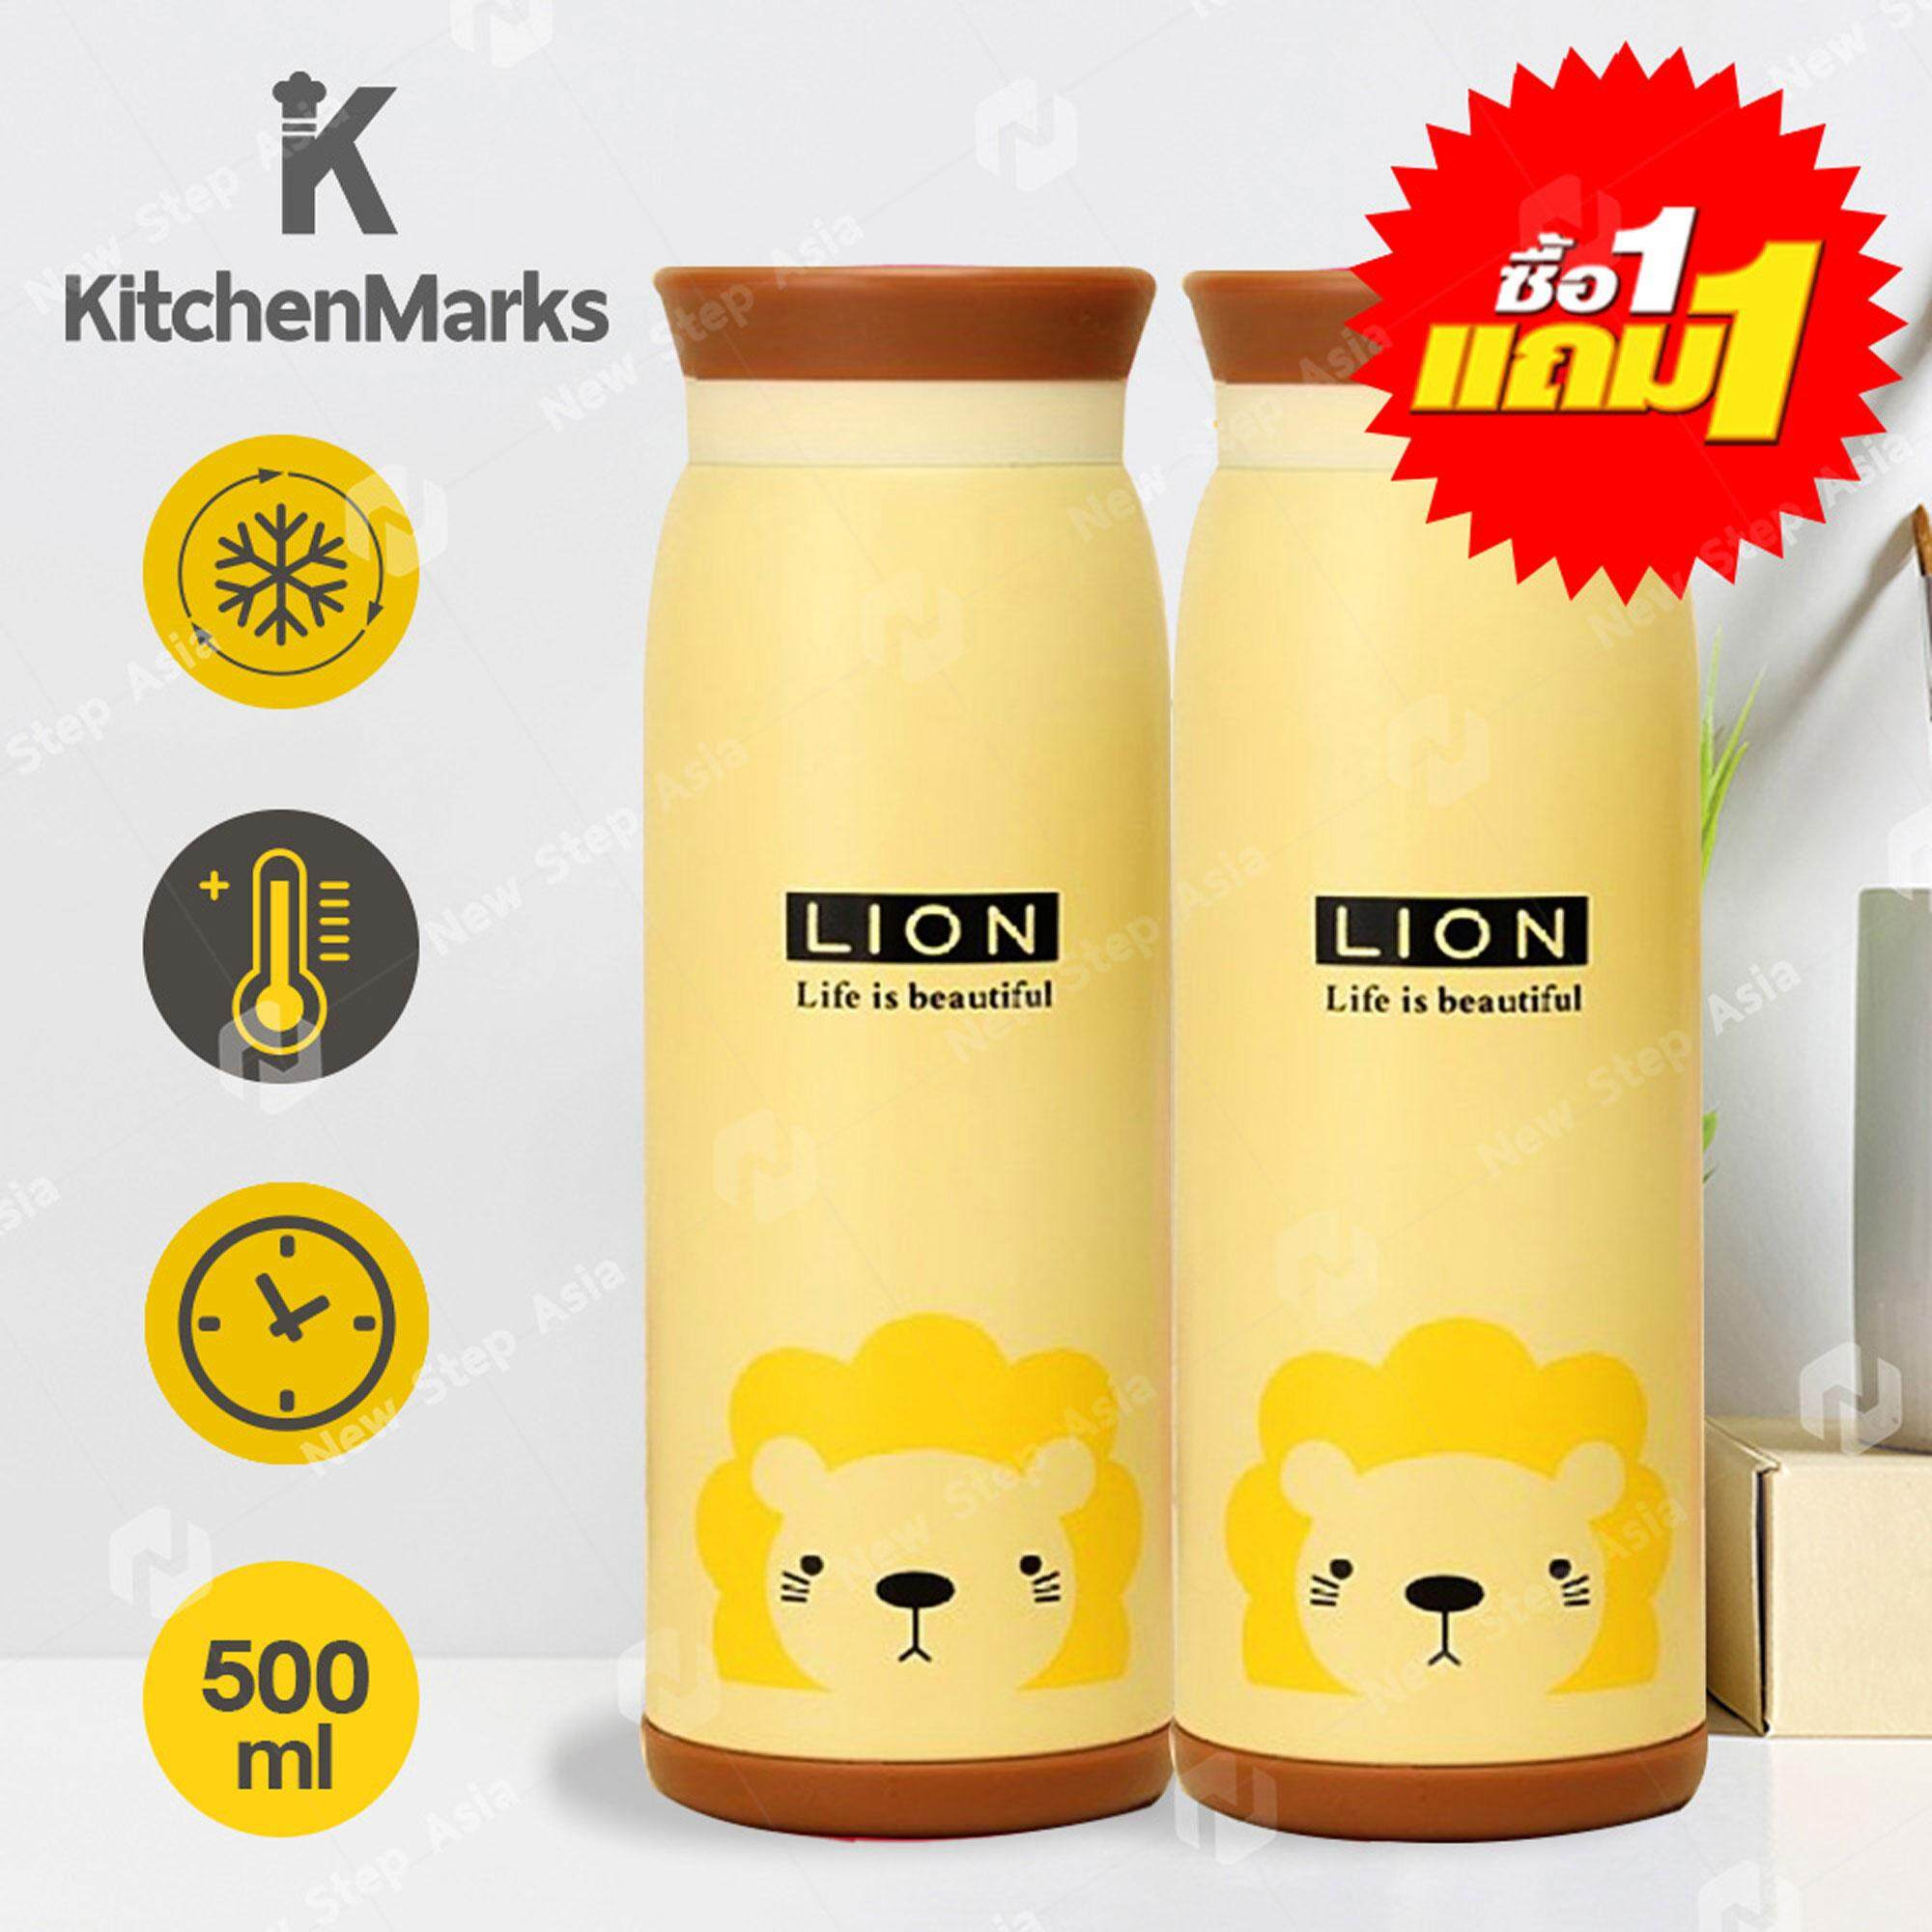 [ซื้อ 1 แถม 1] KitchenMarks กระติกน้ำสแตนเลส เก็บความร้อน-ความเย็น ลายการ์ตูน ขนาด 500 มล. กระติกน้ำสุญญากาศ กระบอกน้ำ กระบอกน้ำสแตนเลส ขวดน้ำ กระติกน้ำเก็บความร้อน กระติกน้ำ กระติกน้ำร้อน กระติกเก็บความร้อน กระบอกน้ำร้อน Flask new step asia